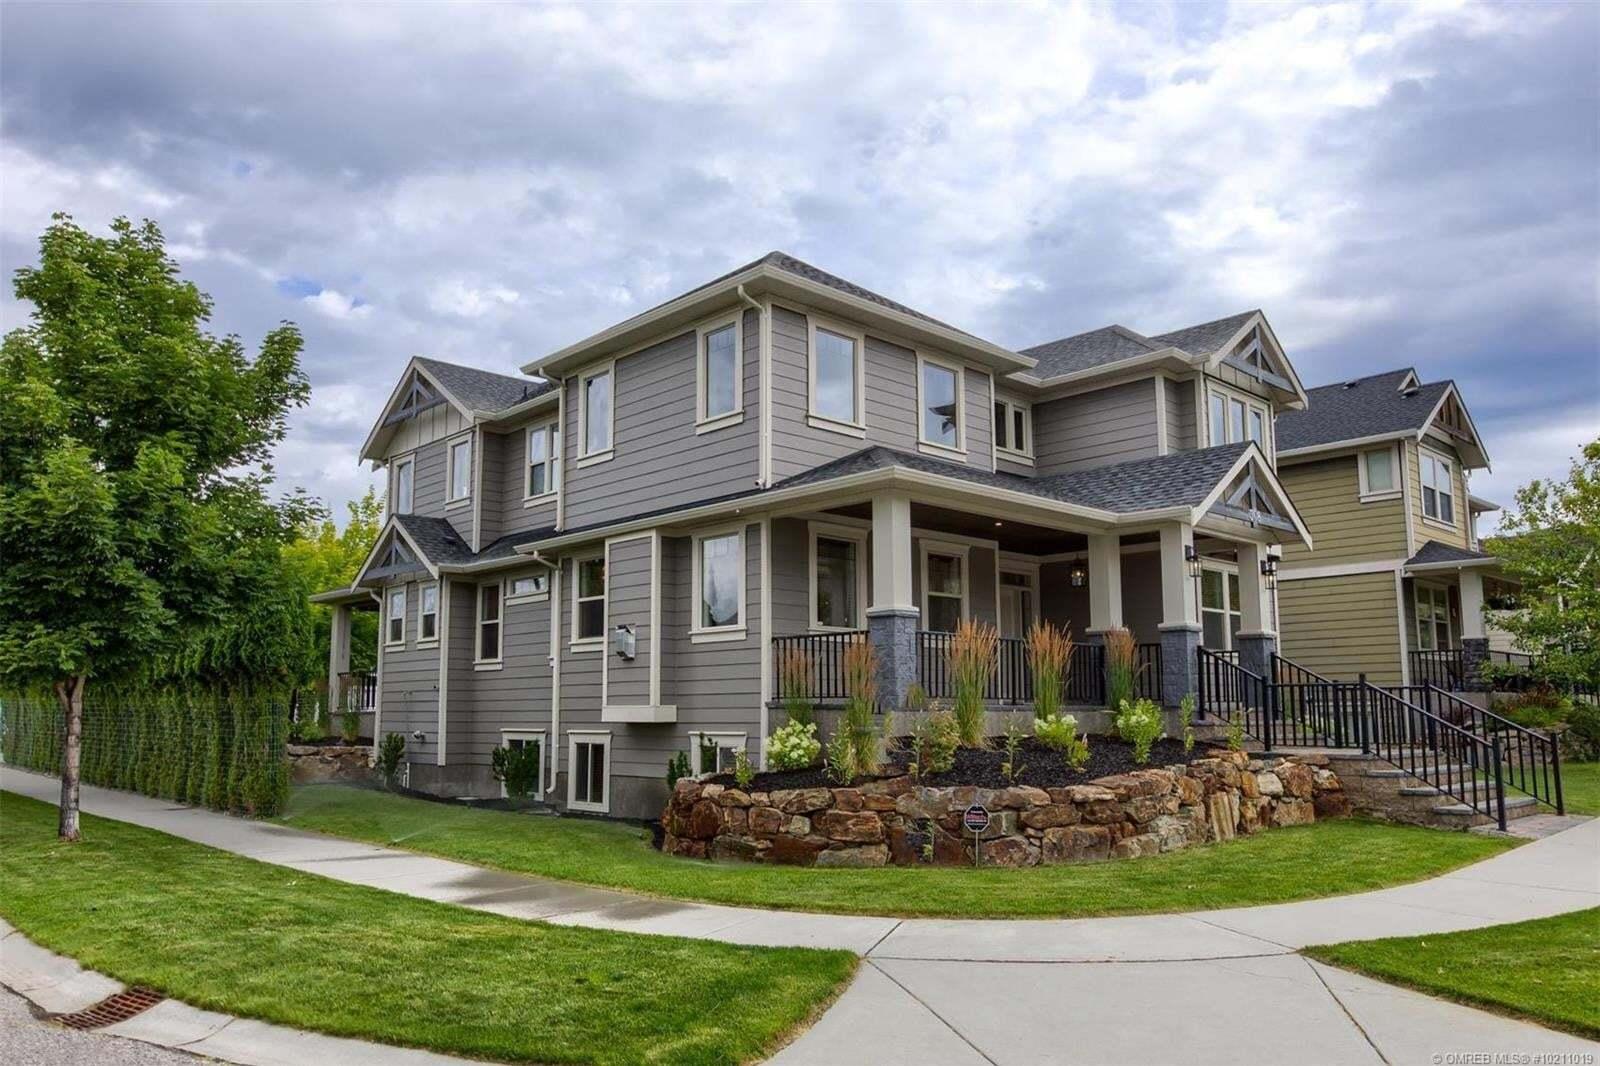 House for sale at 308 Mccarren Ave Kelowna British Columbia - MLS: 10211019